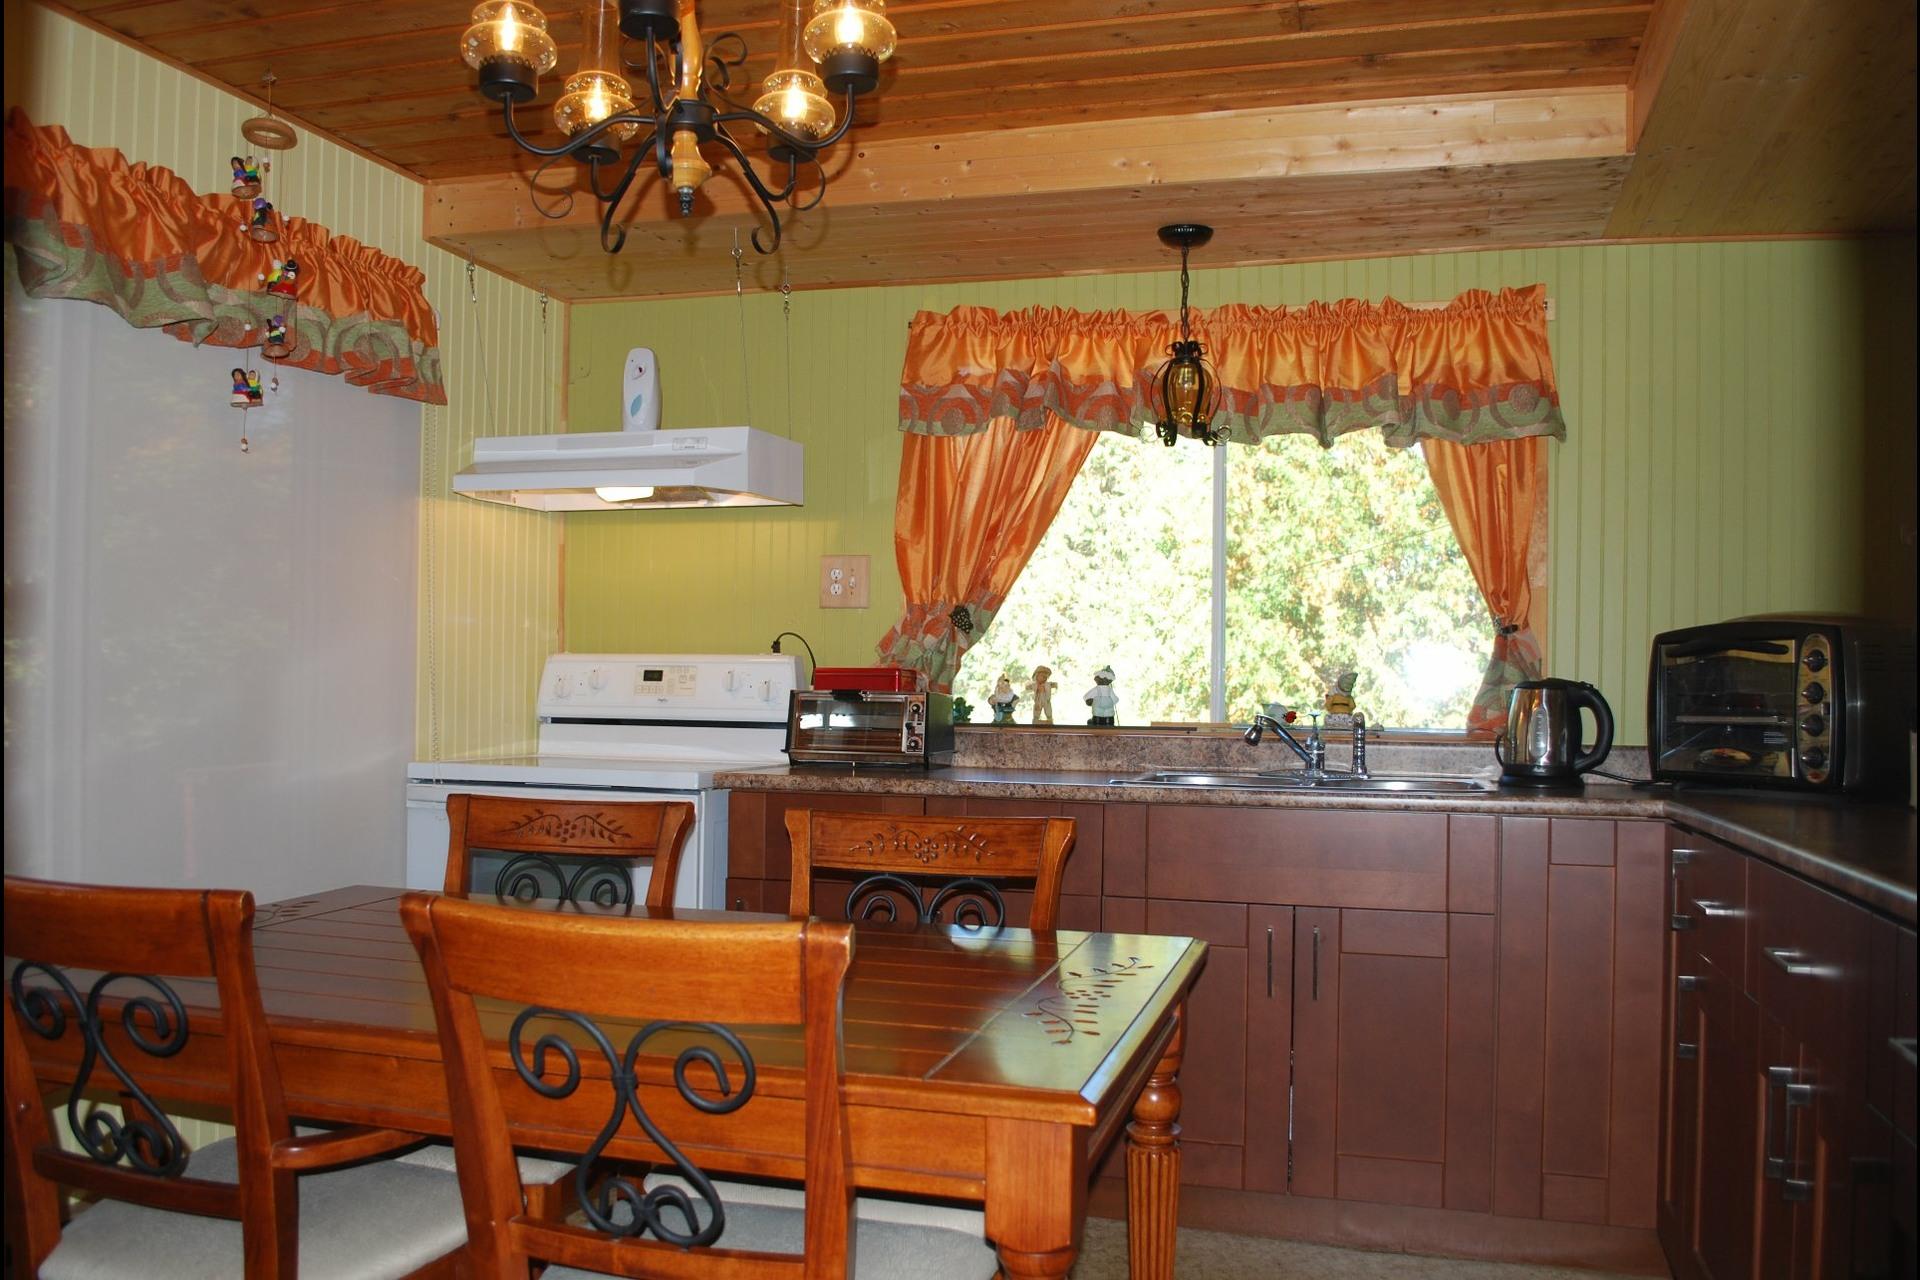 image 5 - House For sale Sainte-Béatrix - 5 rooms